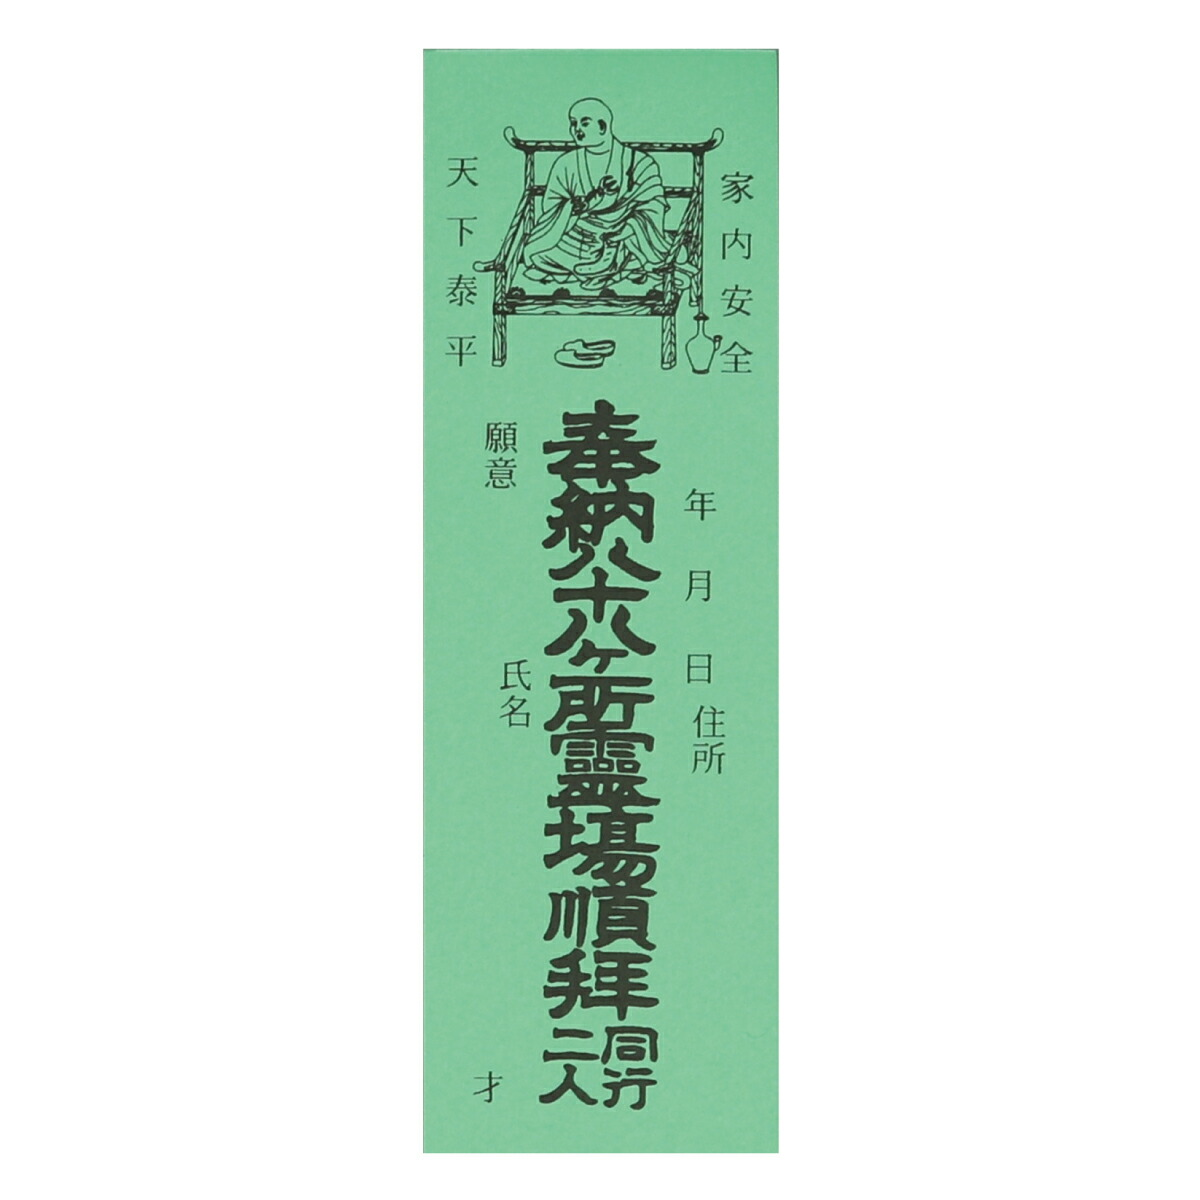 納札四国八十八ヶ所緑色